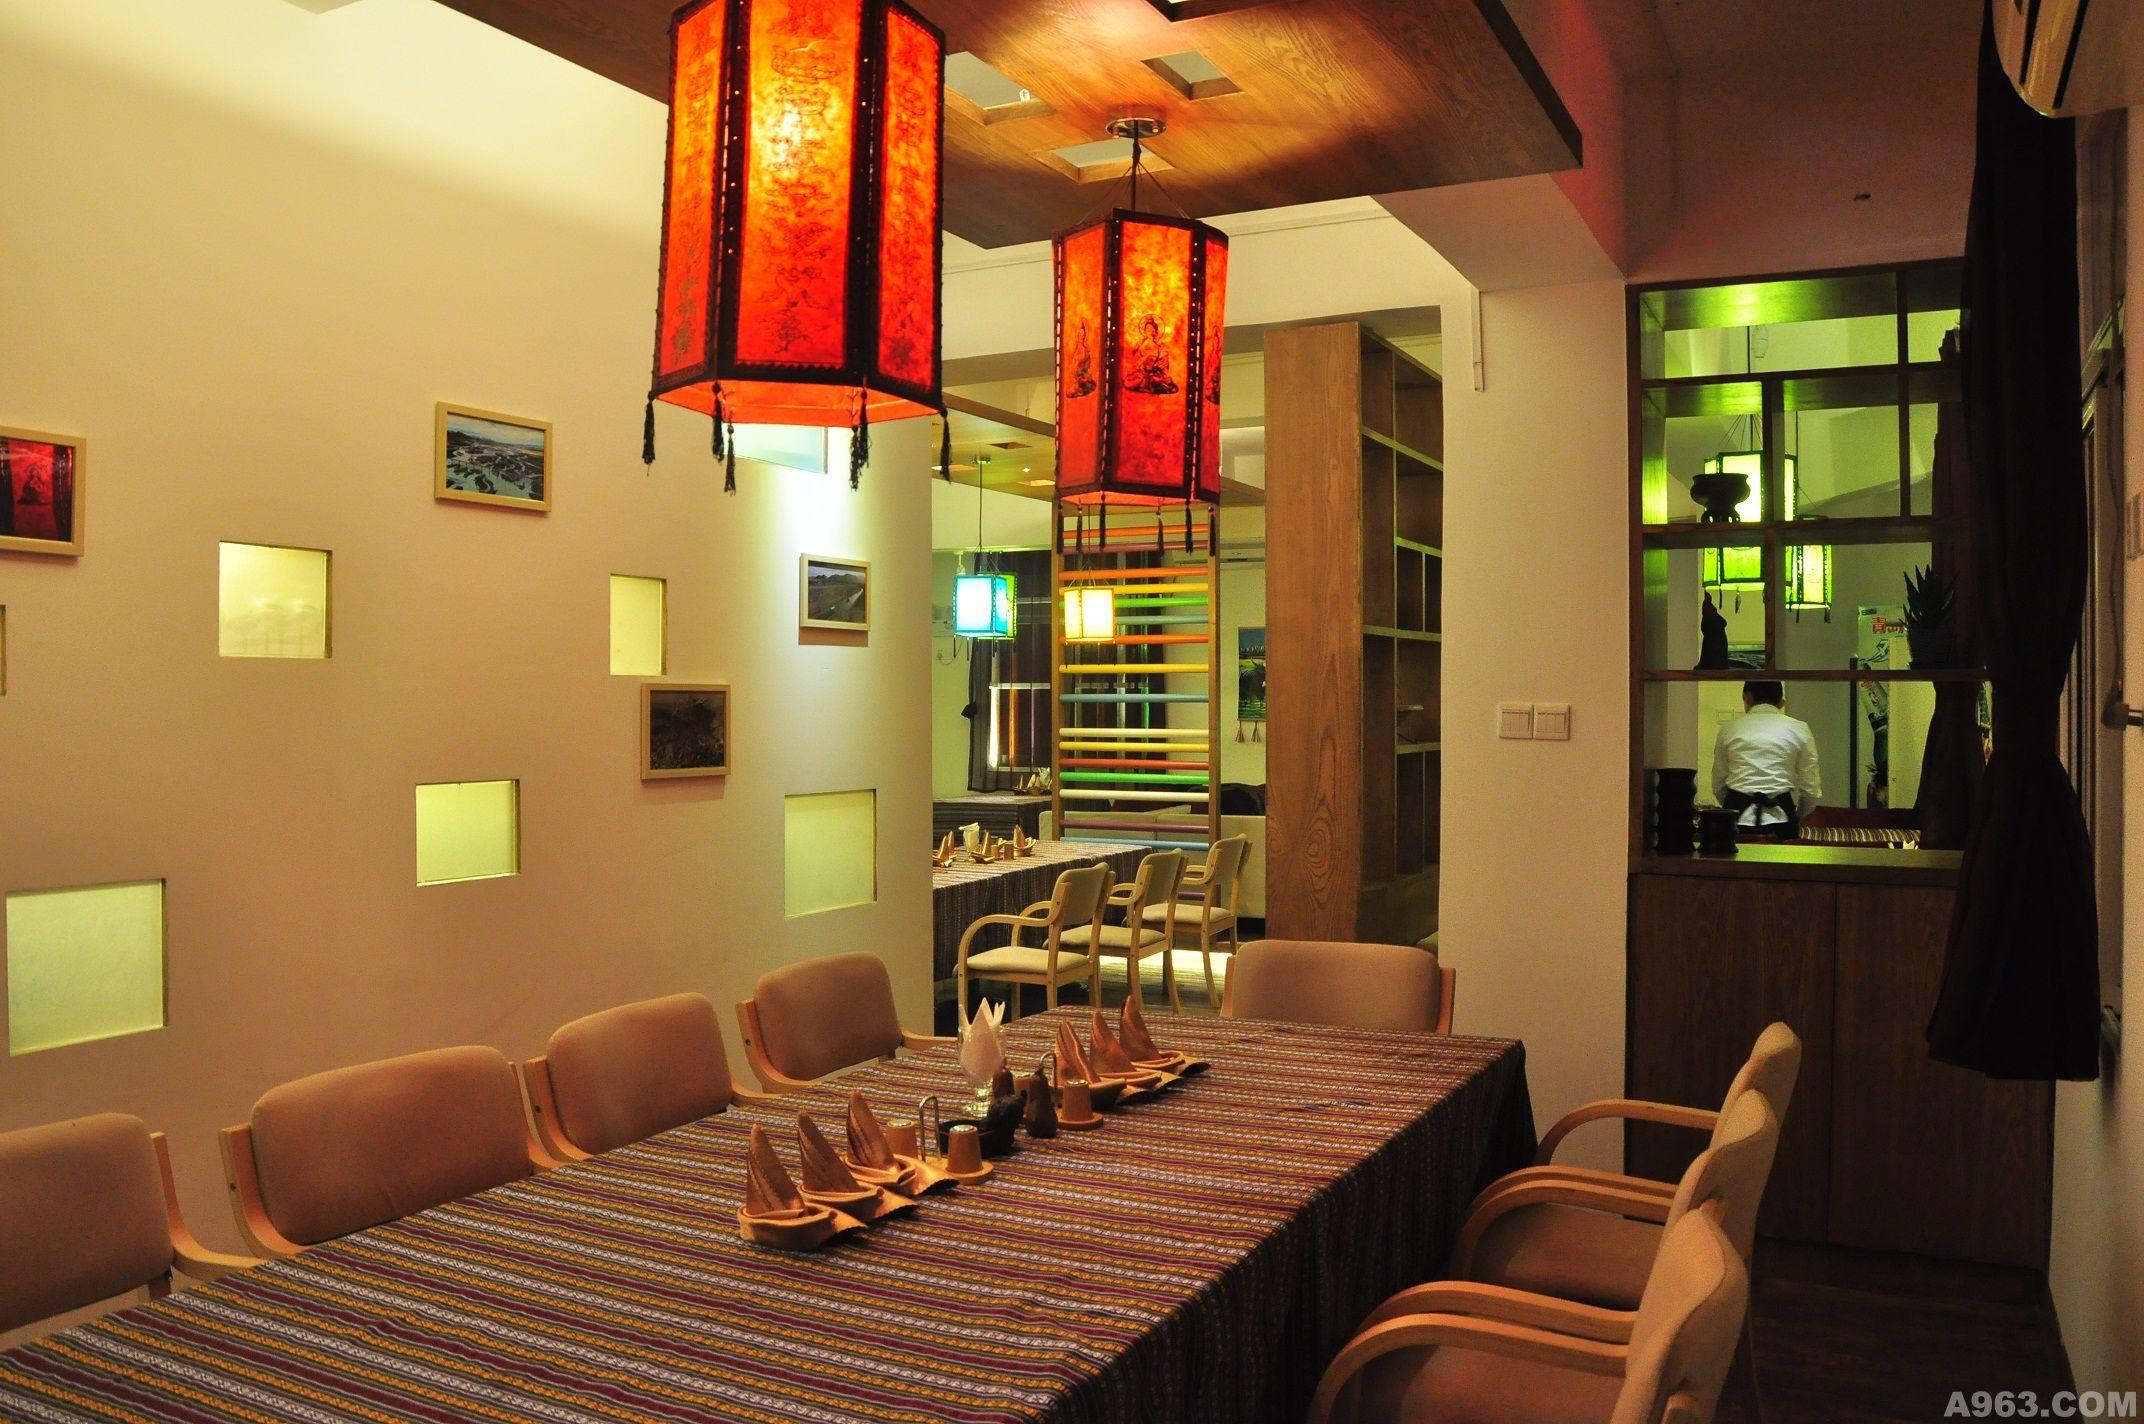 塔頂陽光藏式餐廳 - 餐飲空間 - 福州室內設計網_福州